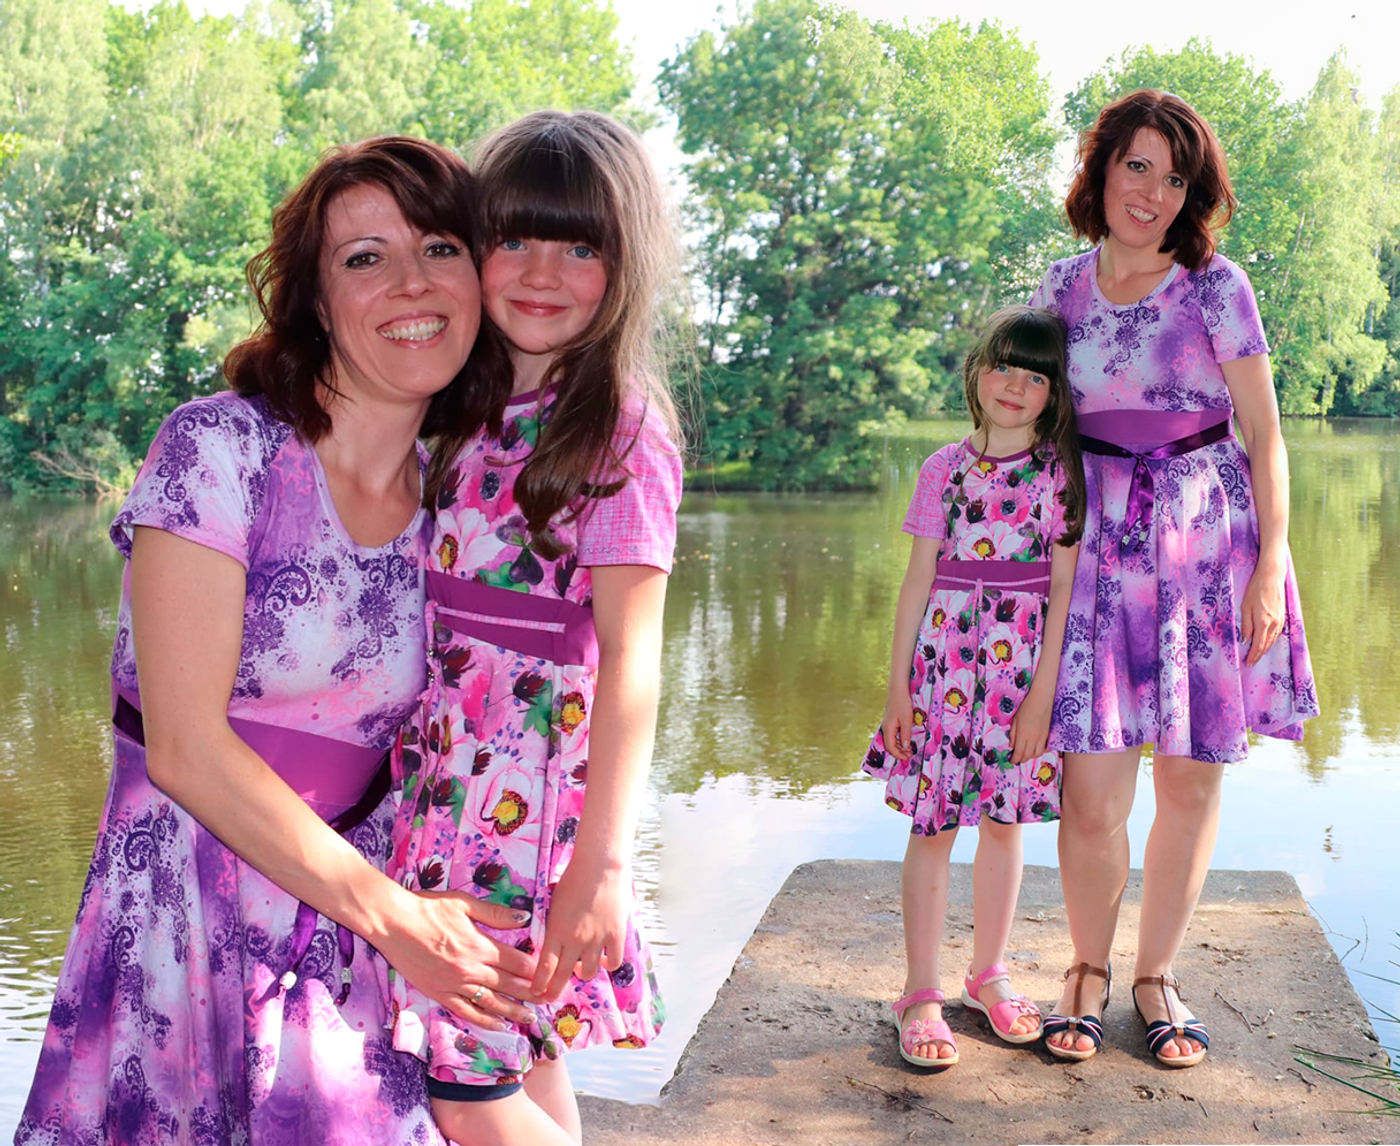 Produktfoto 3 von Rosalieb & Wildblau für Schnittmuster Kombi-Ebook Lillibee Damen und Mädchen